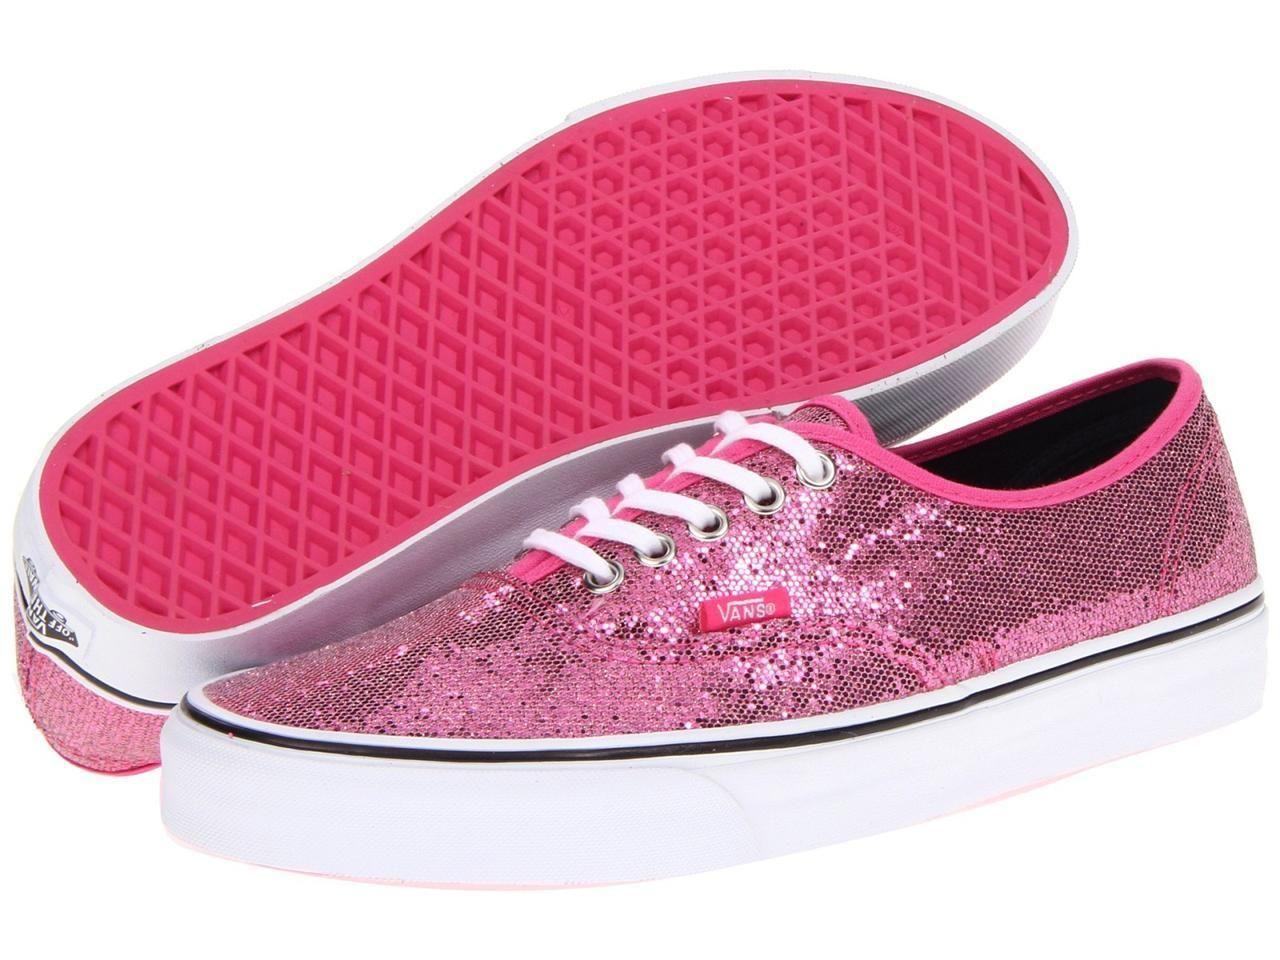 New! VANS AUTHENTIC Womens Sz 10.5 Shoe